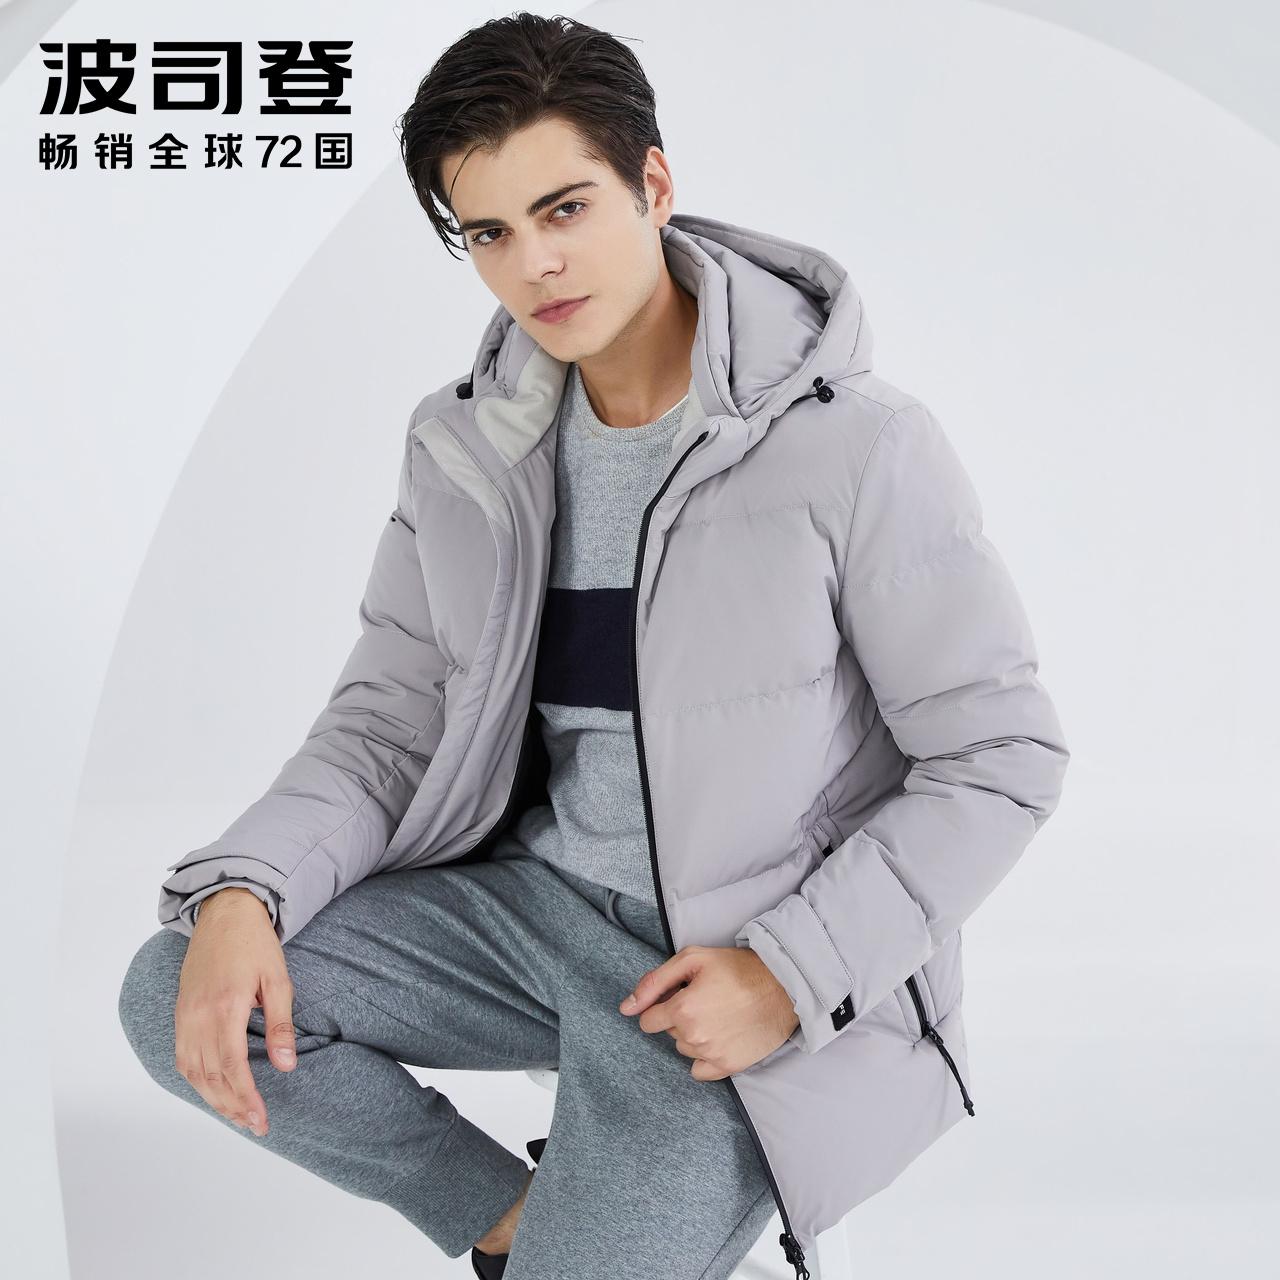 波司登羽绒服男短款2018新款可脱帽防寒外套冬季厚款B80142519DS